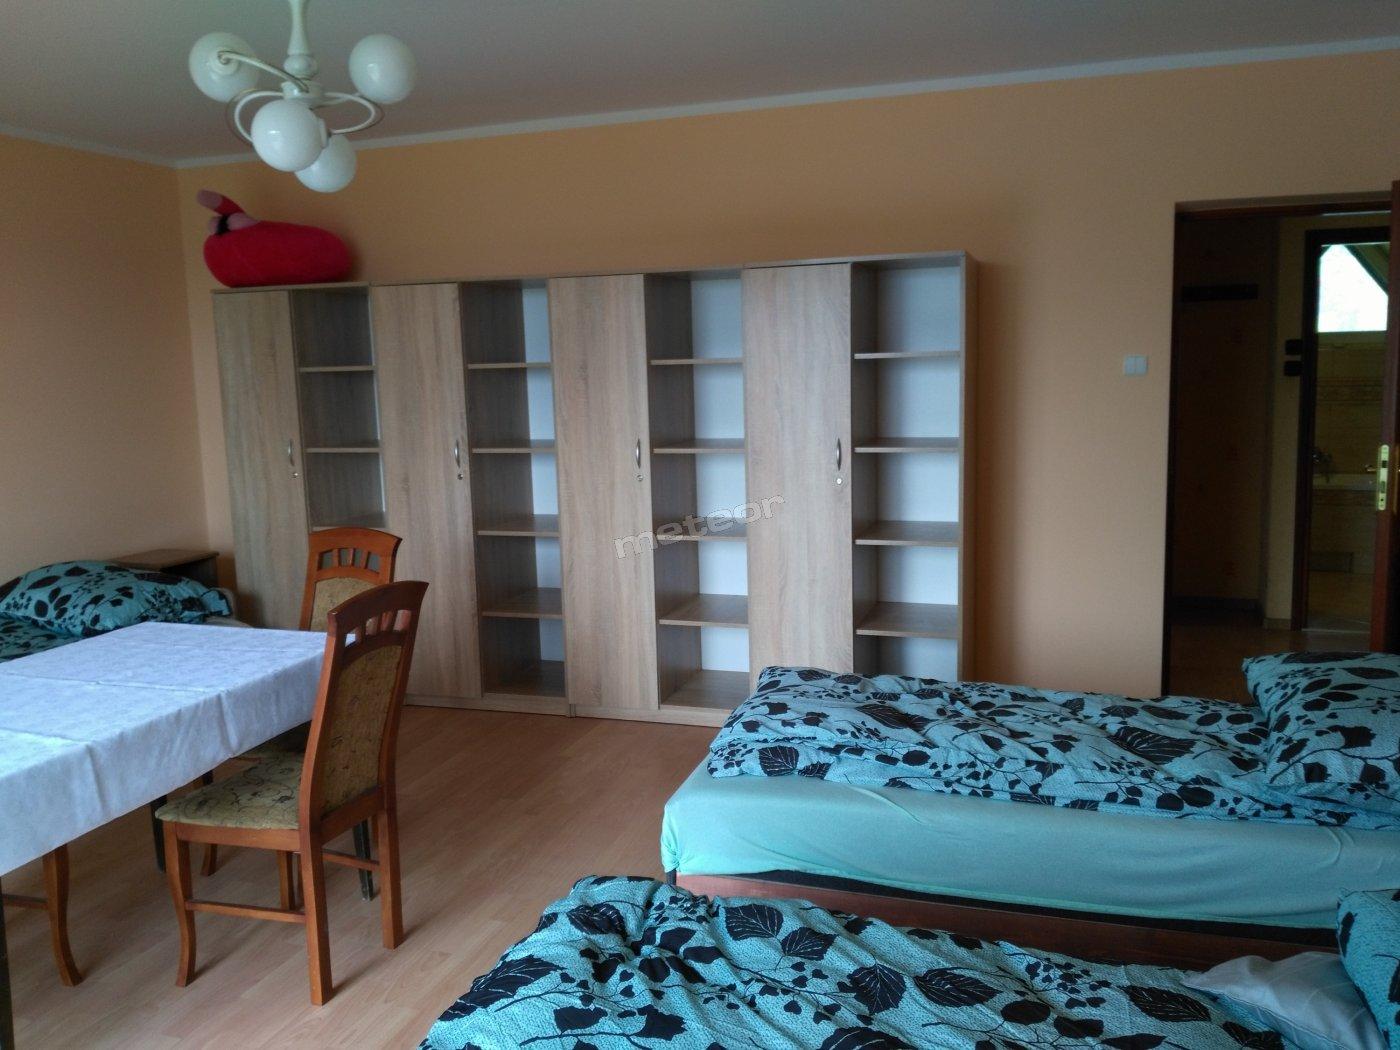 pokój 4-osobowy z balkonem , przestrzenny ,jasny z pięknym  widokiem na okolice